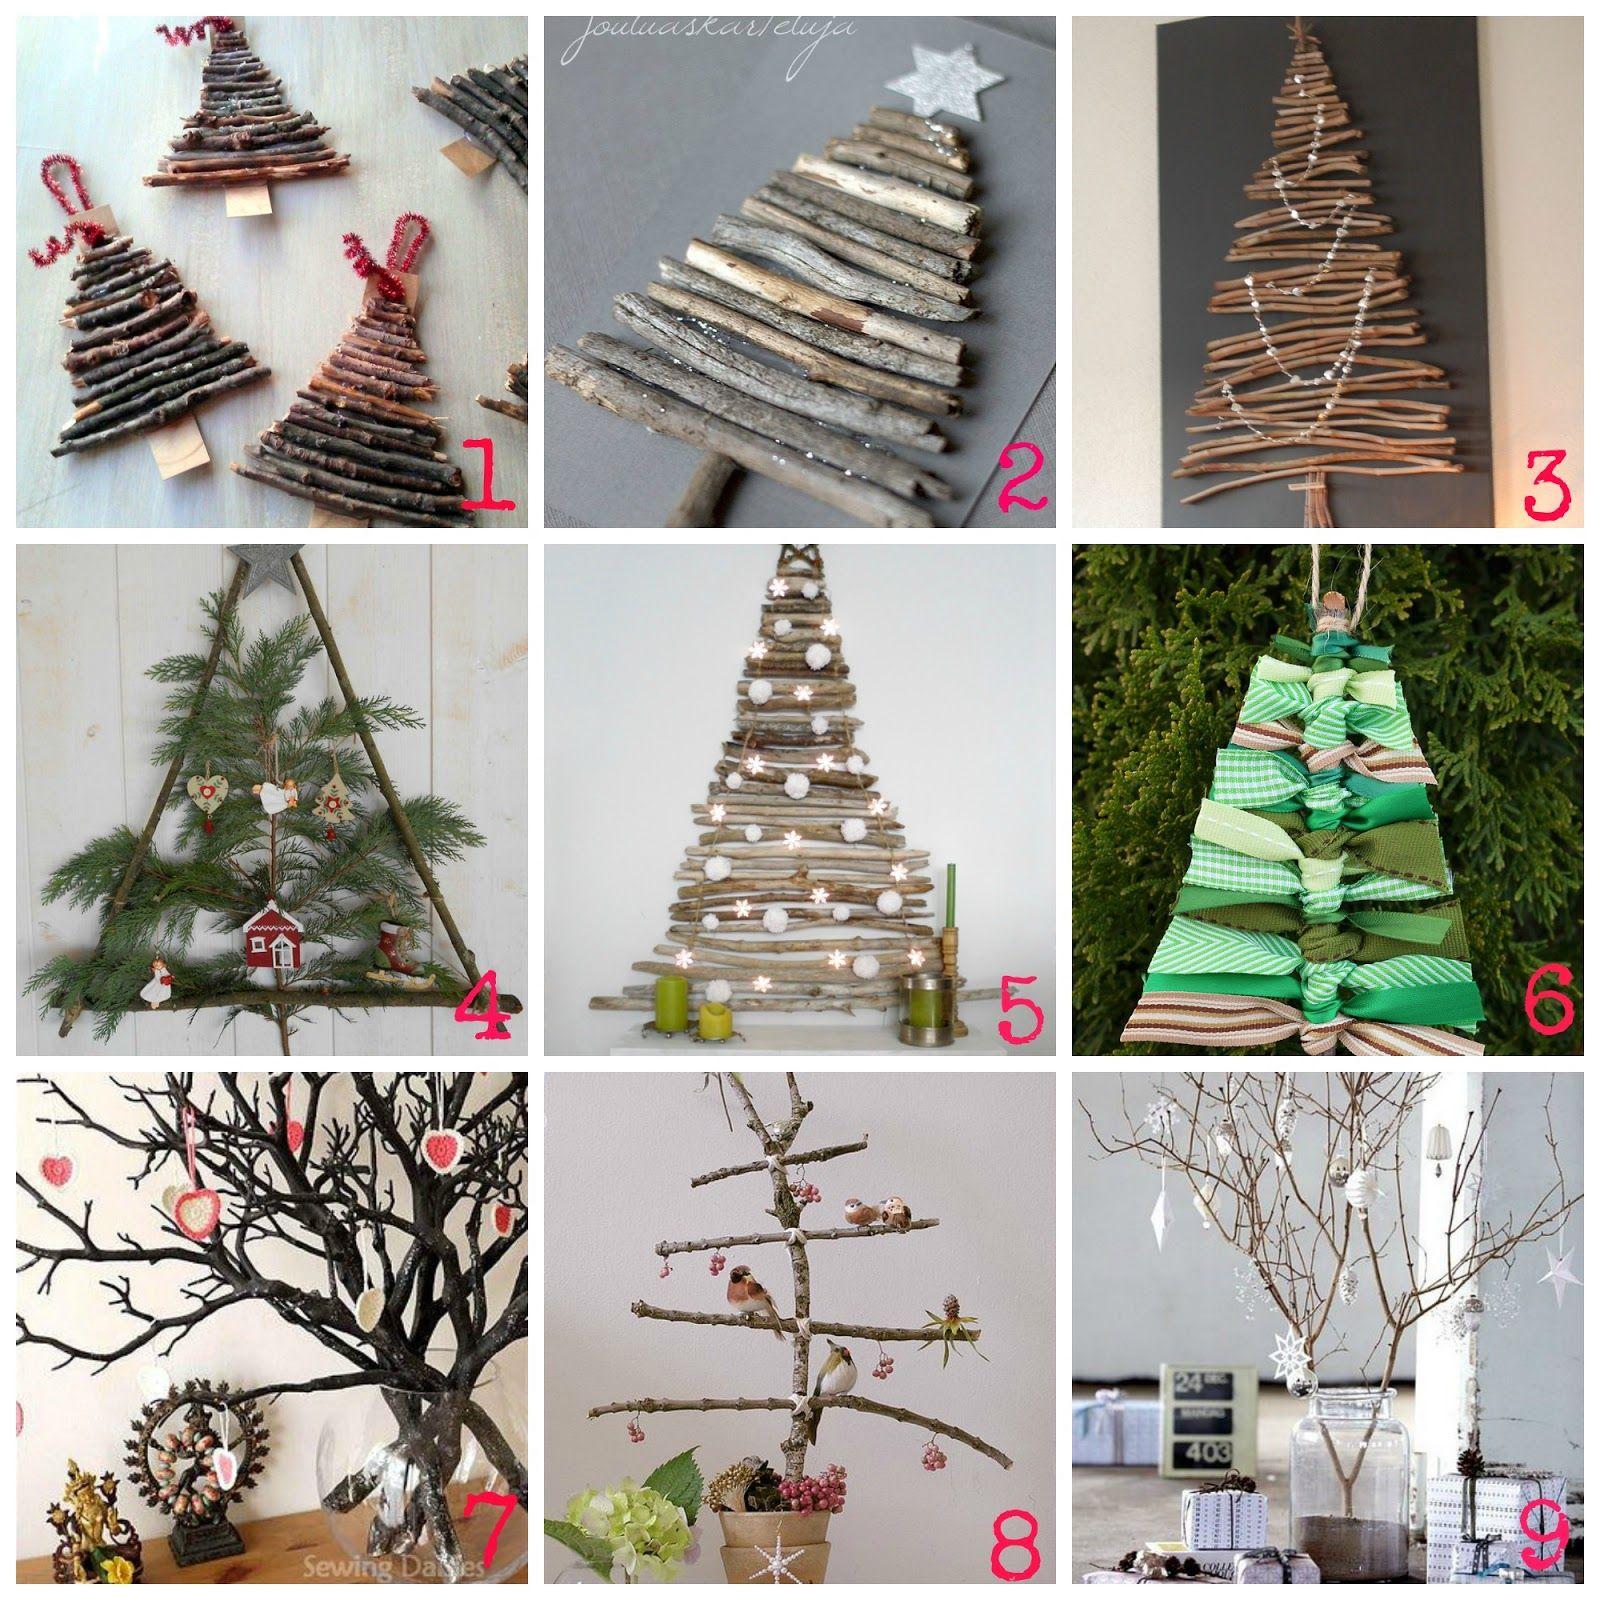 Decorazioni Natalizie Fai Da Te Semplici.Decorazioni Di Natale Fai Da Te Con I Rami Secchi Diy Christmas